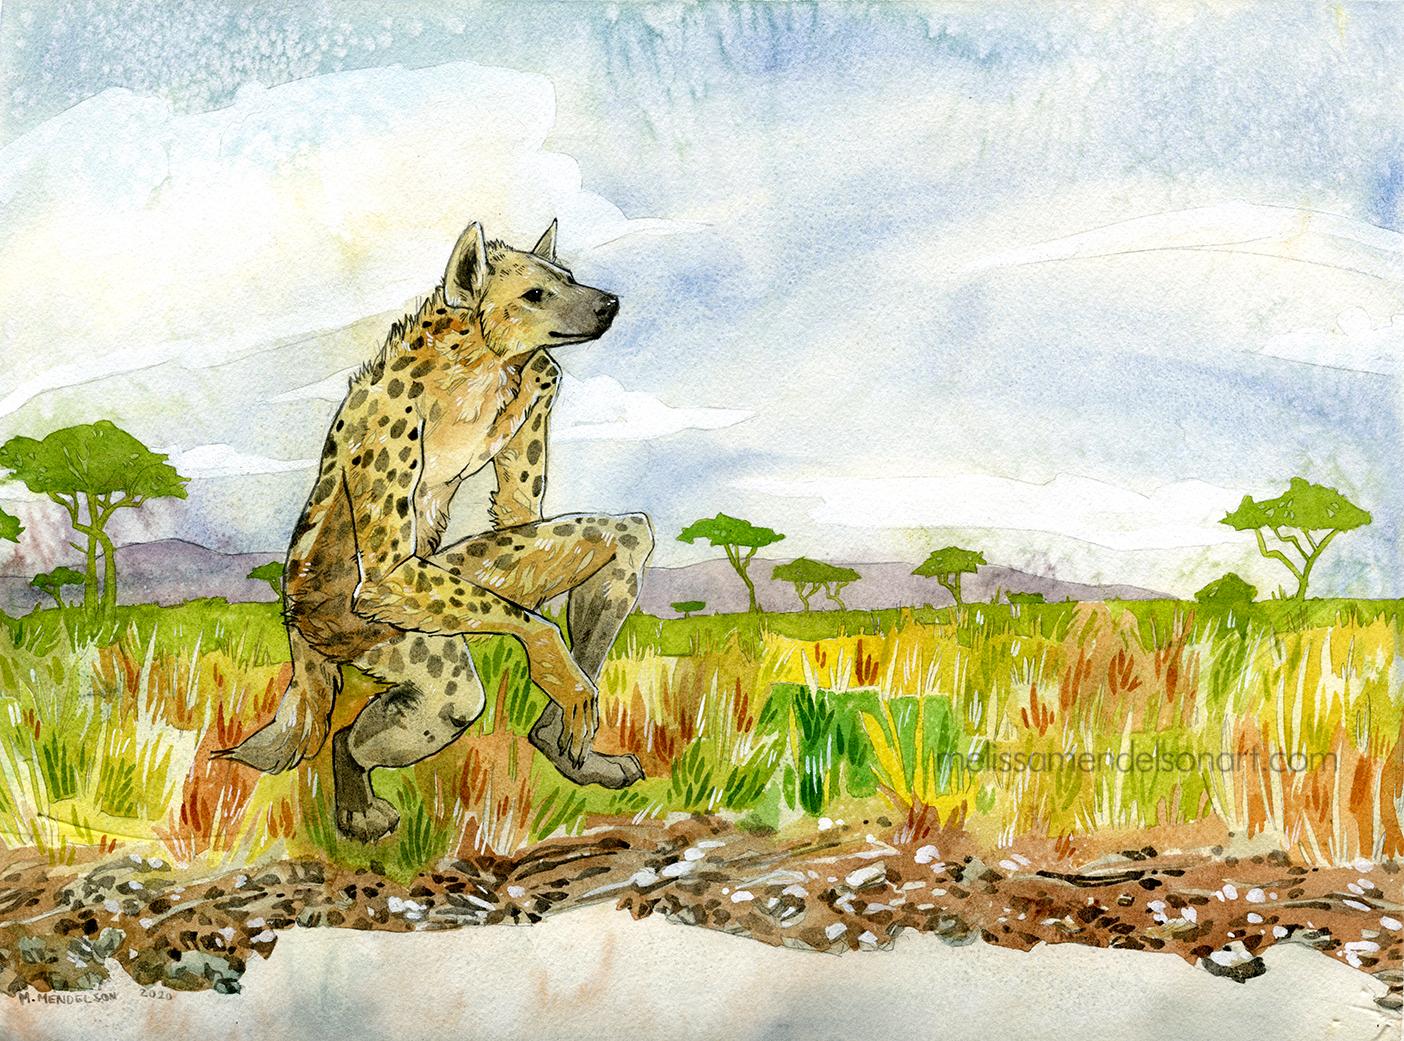 heck hyena small watermark